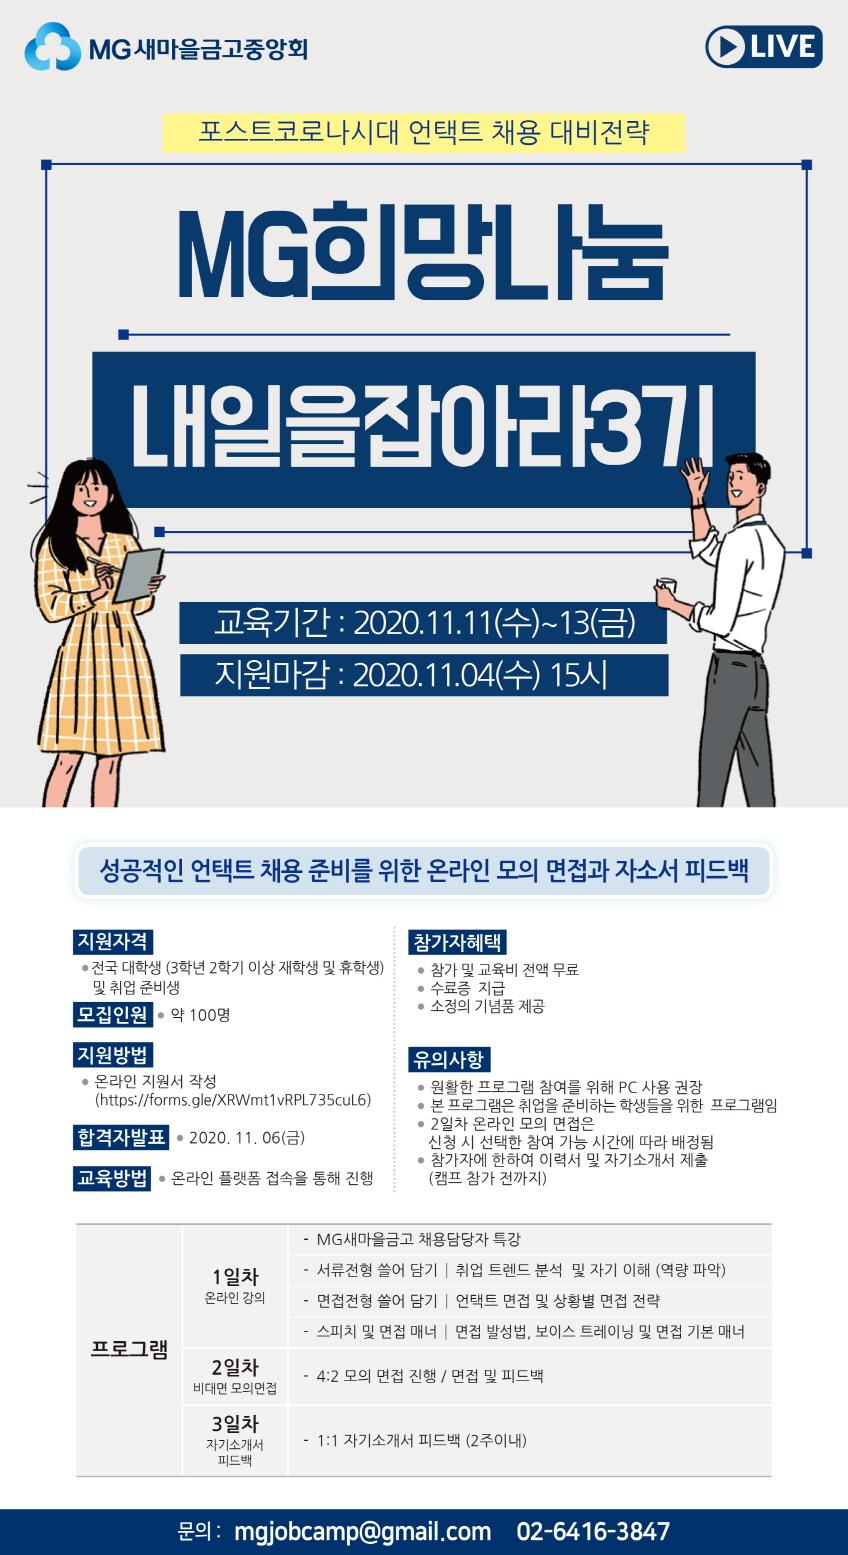 MG희망나눔 내일을 잡[JOB]아라 3기